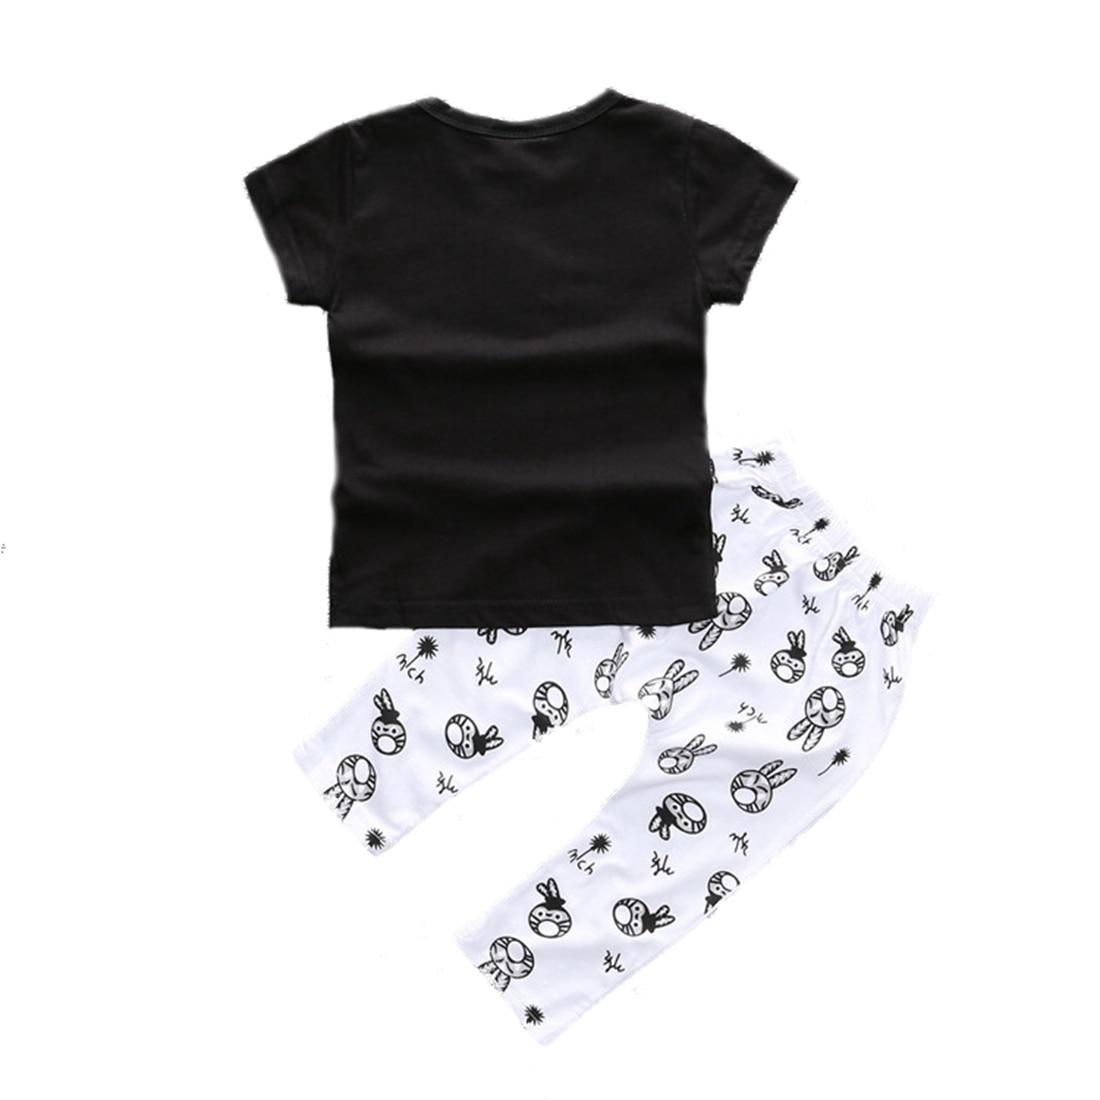 Abwe милый зайчик для маленьких мальчиков футболка для девочек костюм со штанами Комплект одежды 12-18 м